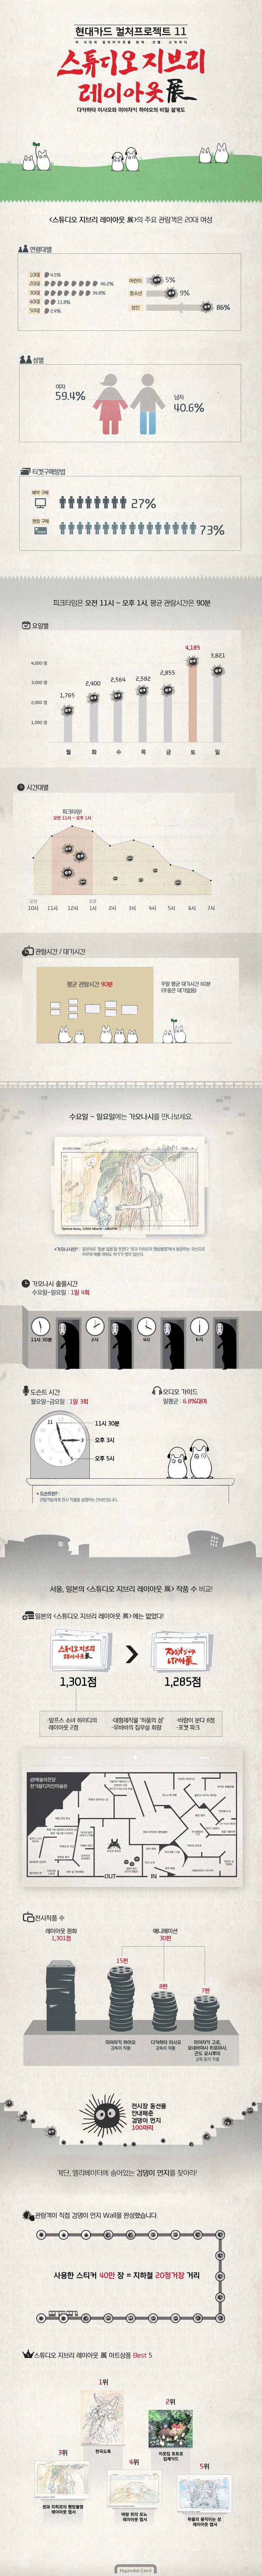 [인포그래픽] 컬처프로젝트 11 스튜디오 지브리 레이아웃 展이 남긴 기록들